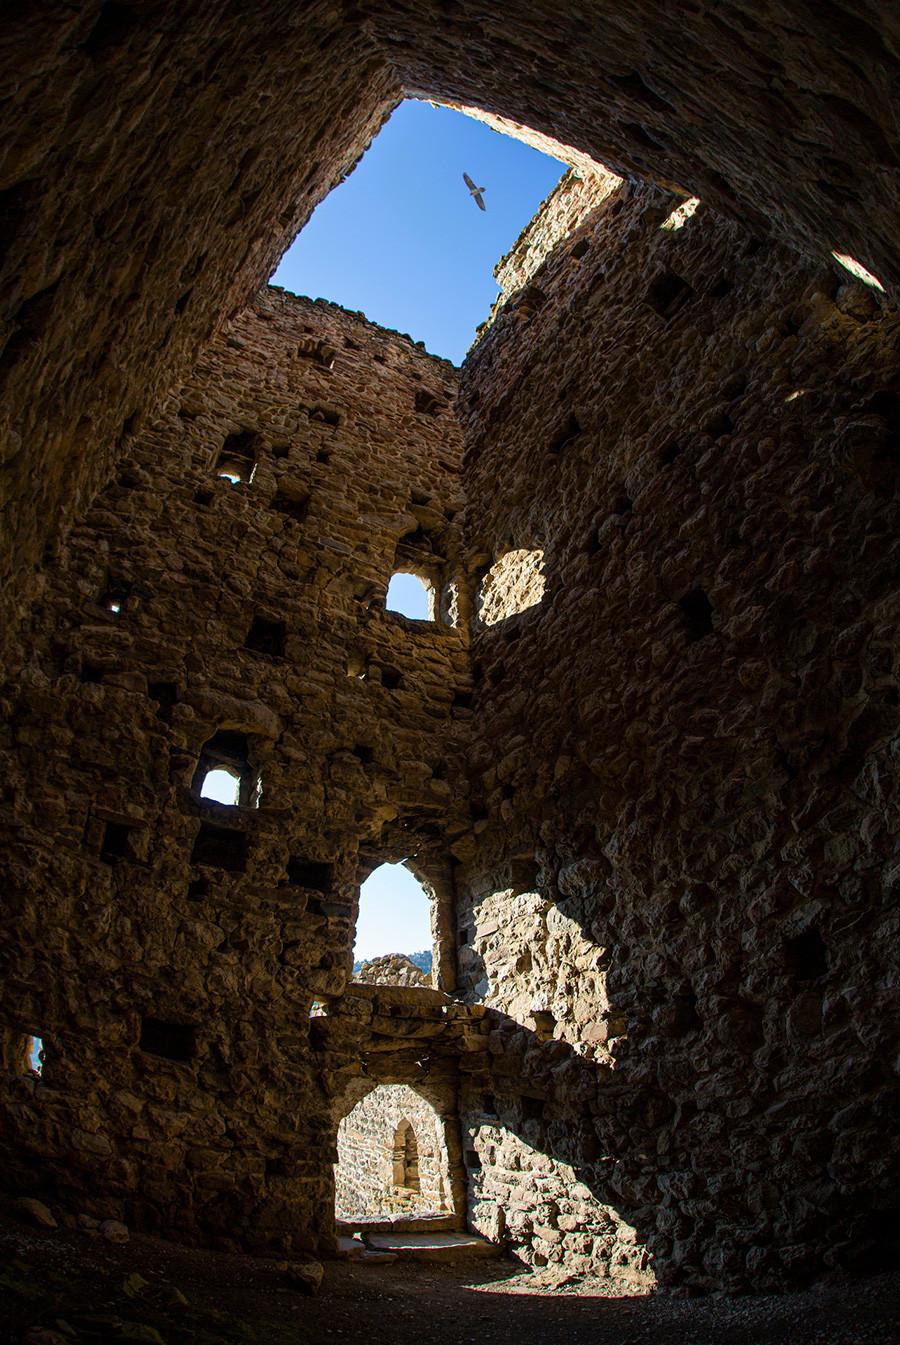 Bagian dalam menara Ingush (setiap lantai memiliki lantai kayu, sekarang sudah hilang).